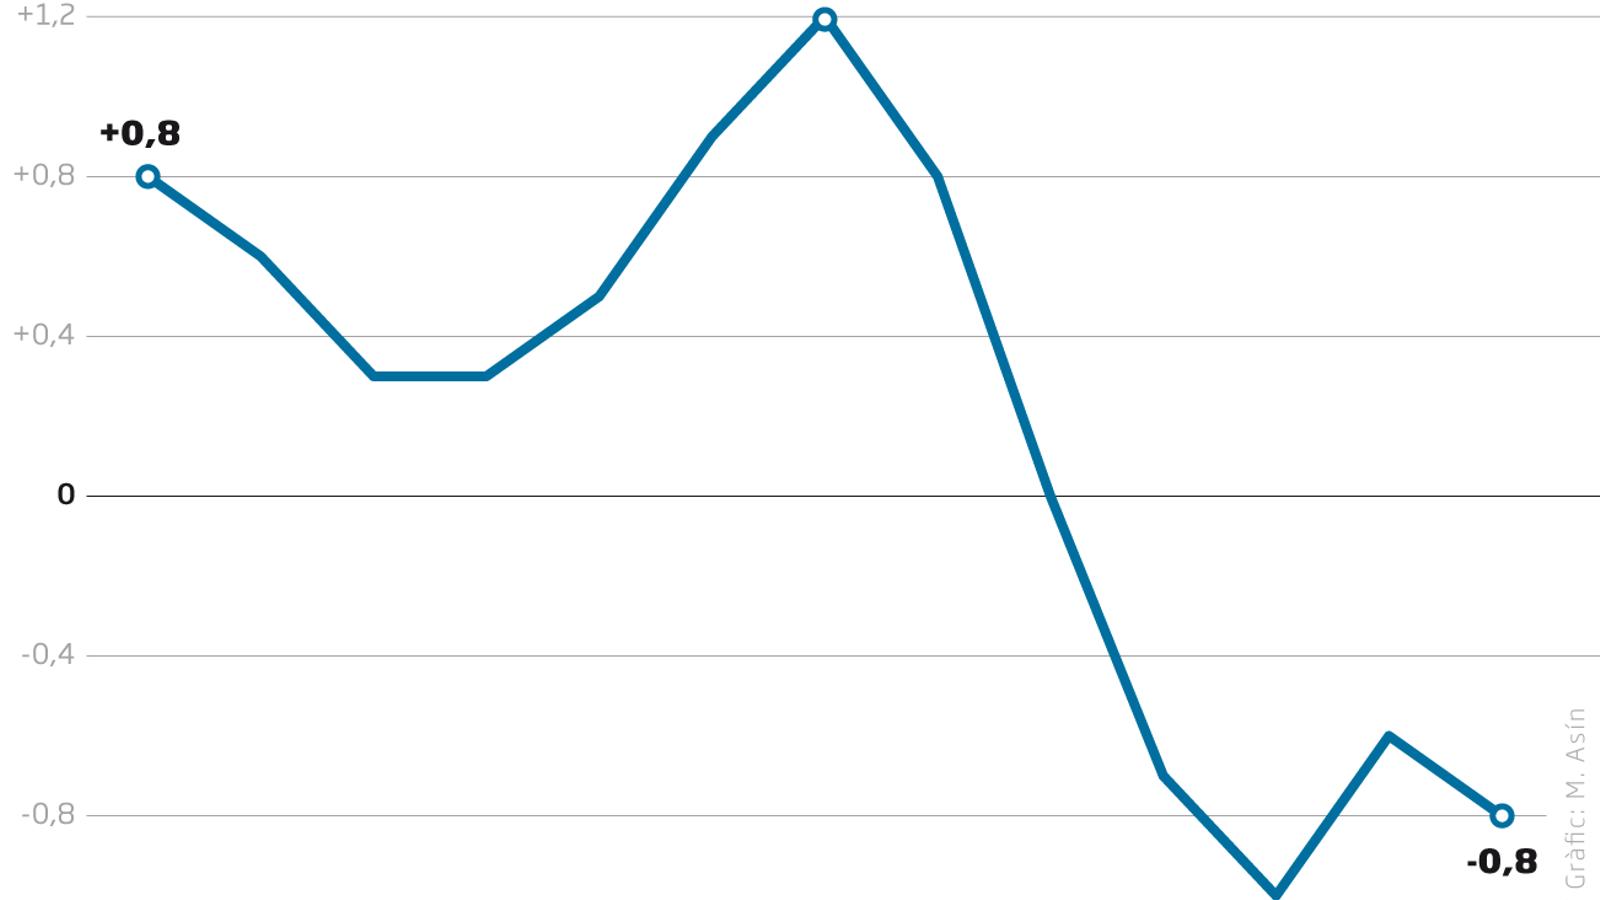 La caiguda del consum i les rebaixes fan baixar els preus després del confinament